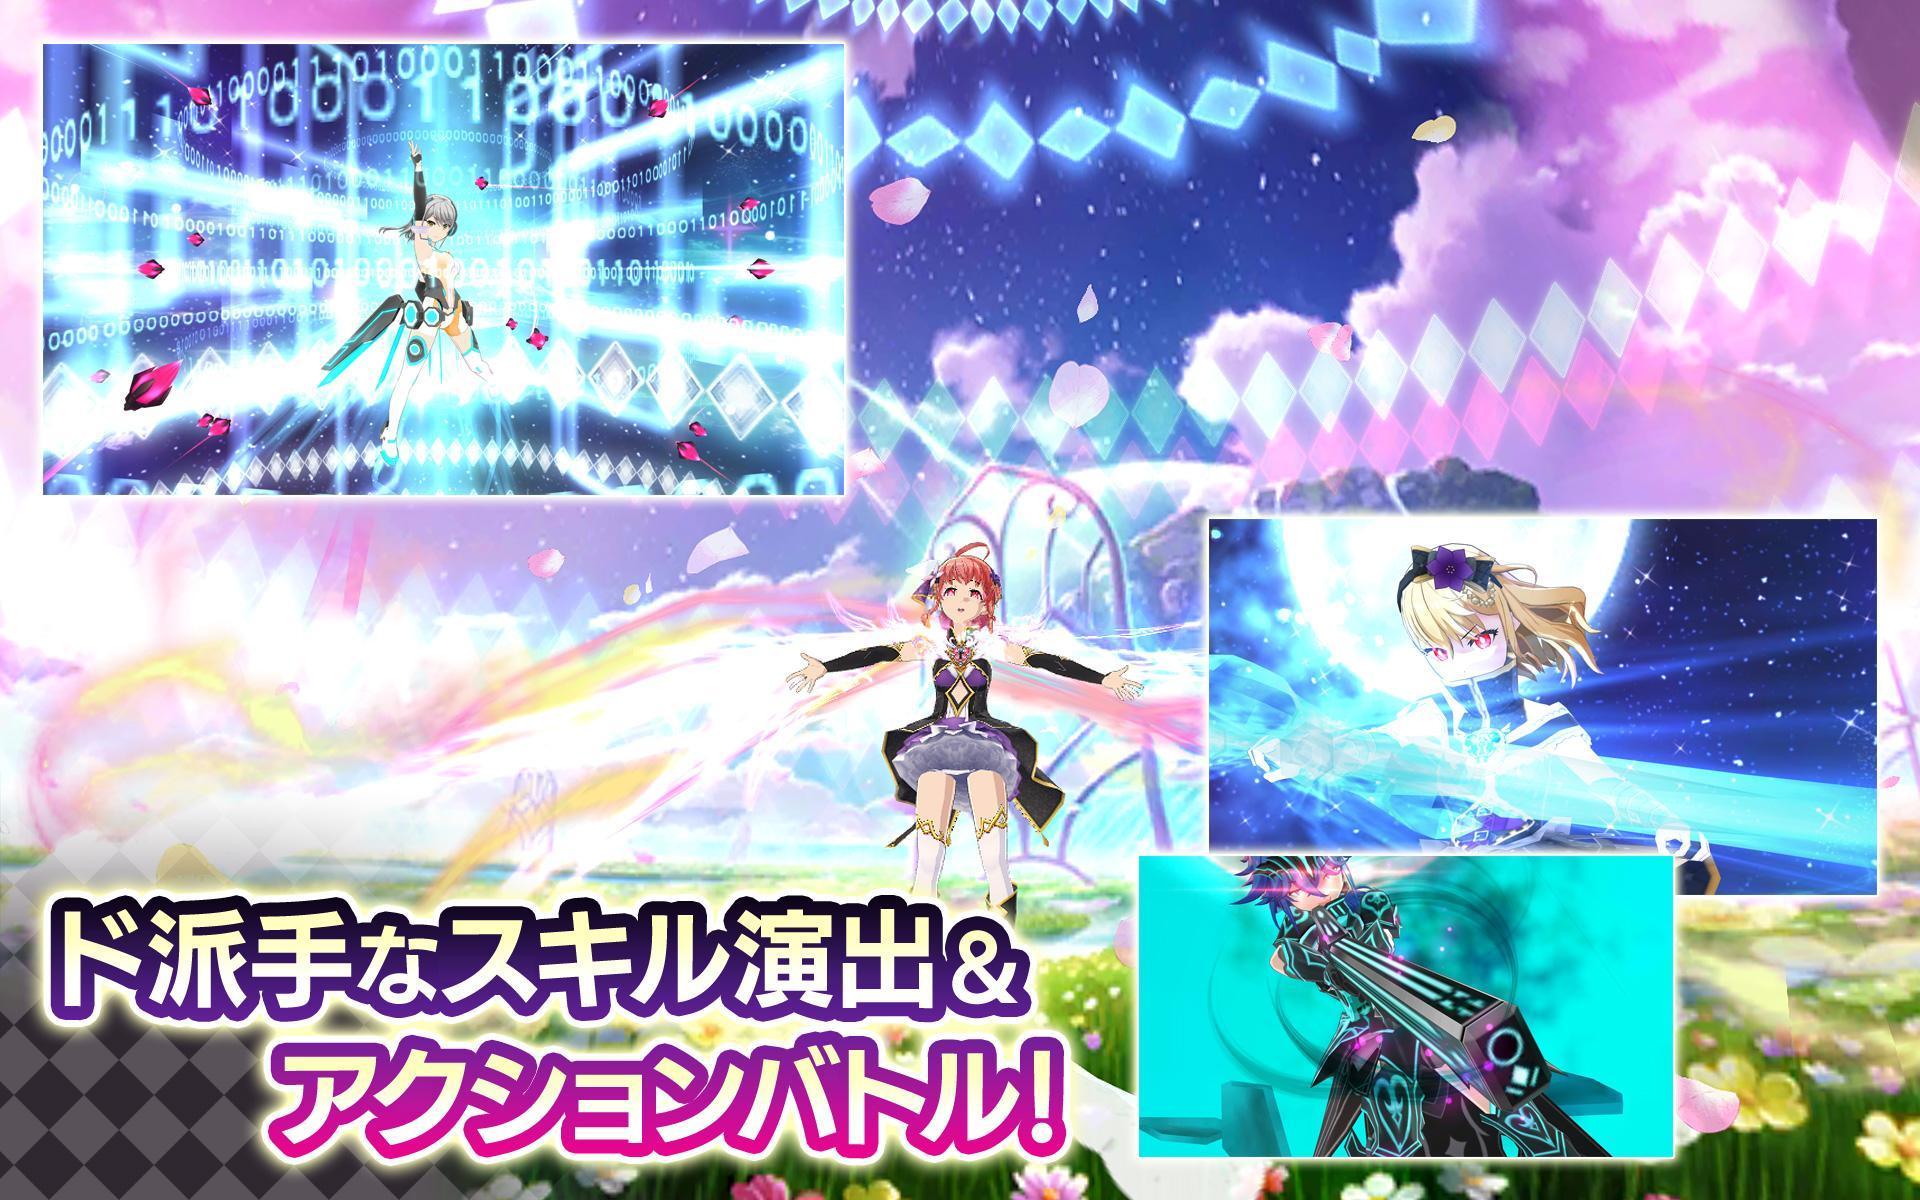 プロジェクト東京ドールズ :美少女タップアクションRPG 4.1.0 Screenshot 12